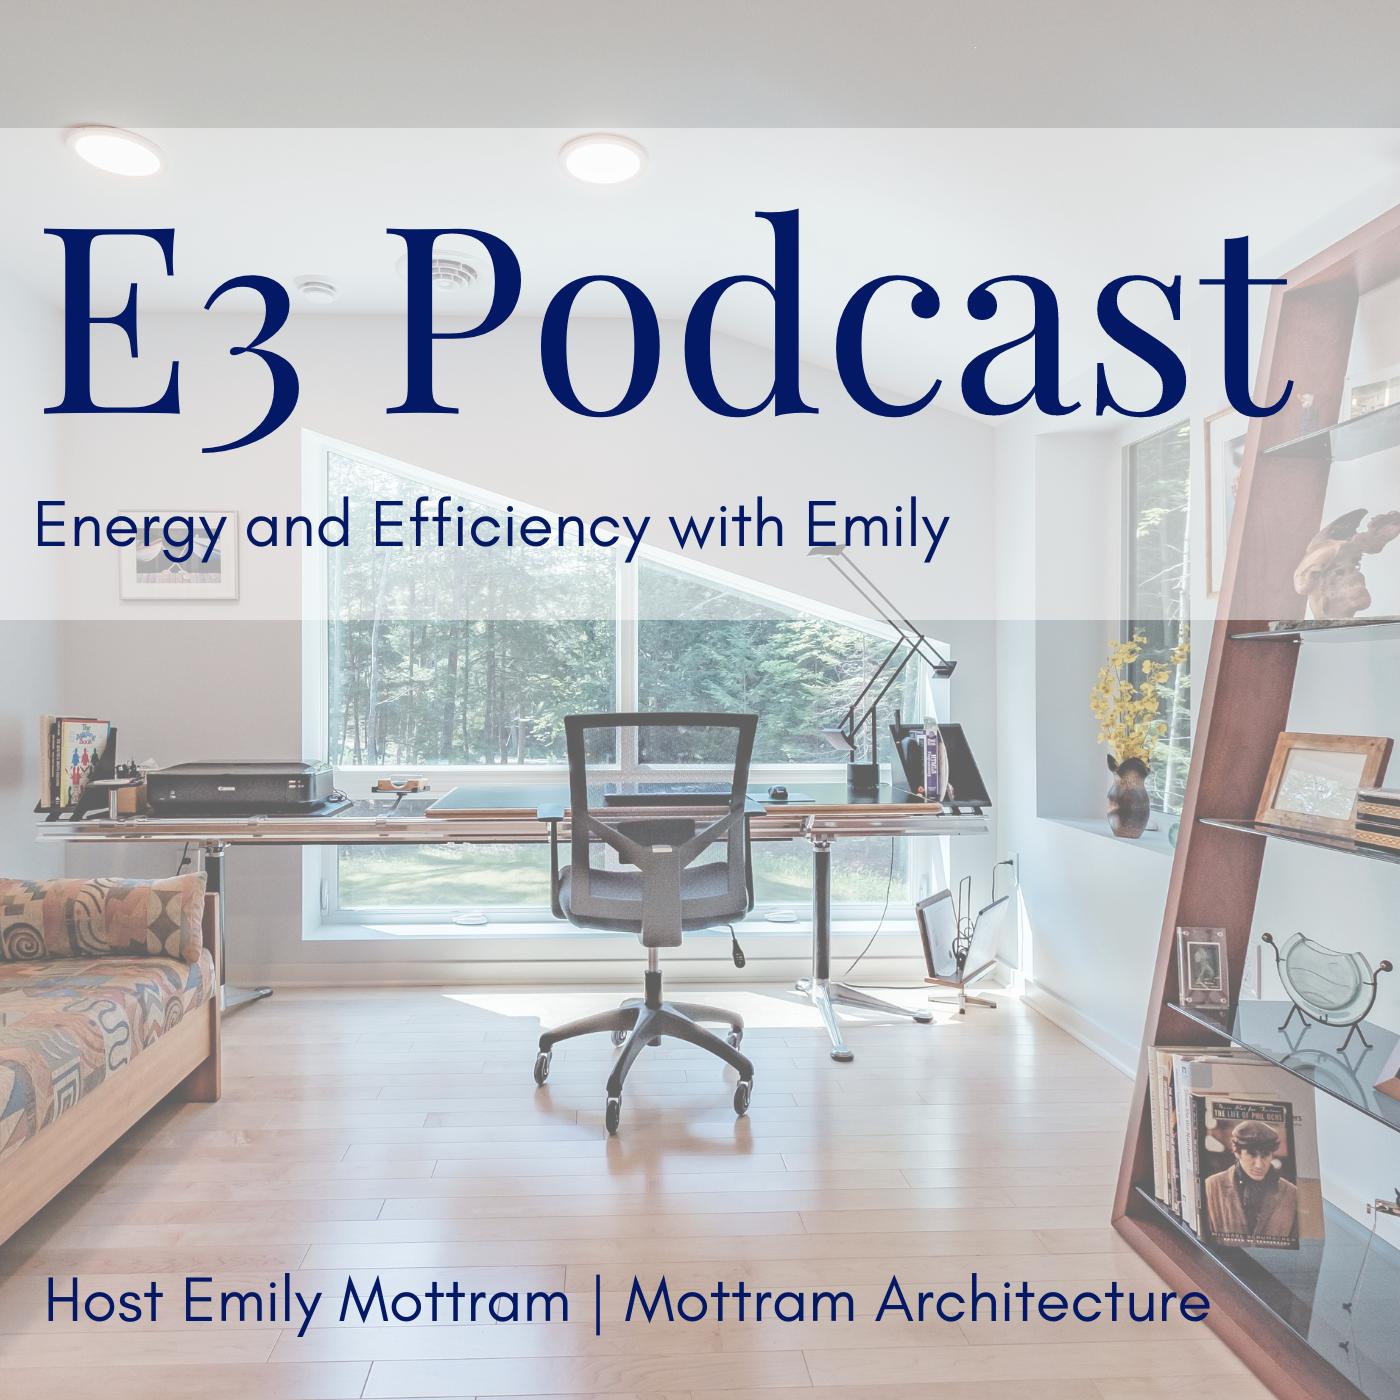 E3+Podcast+Artwork.png